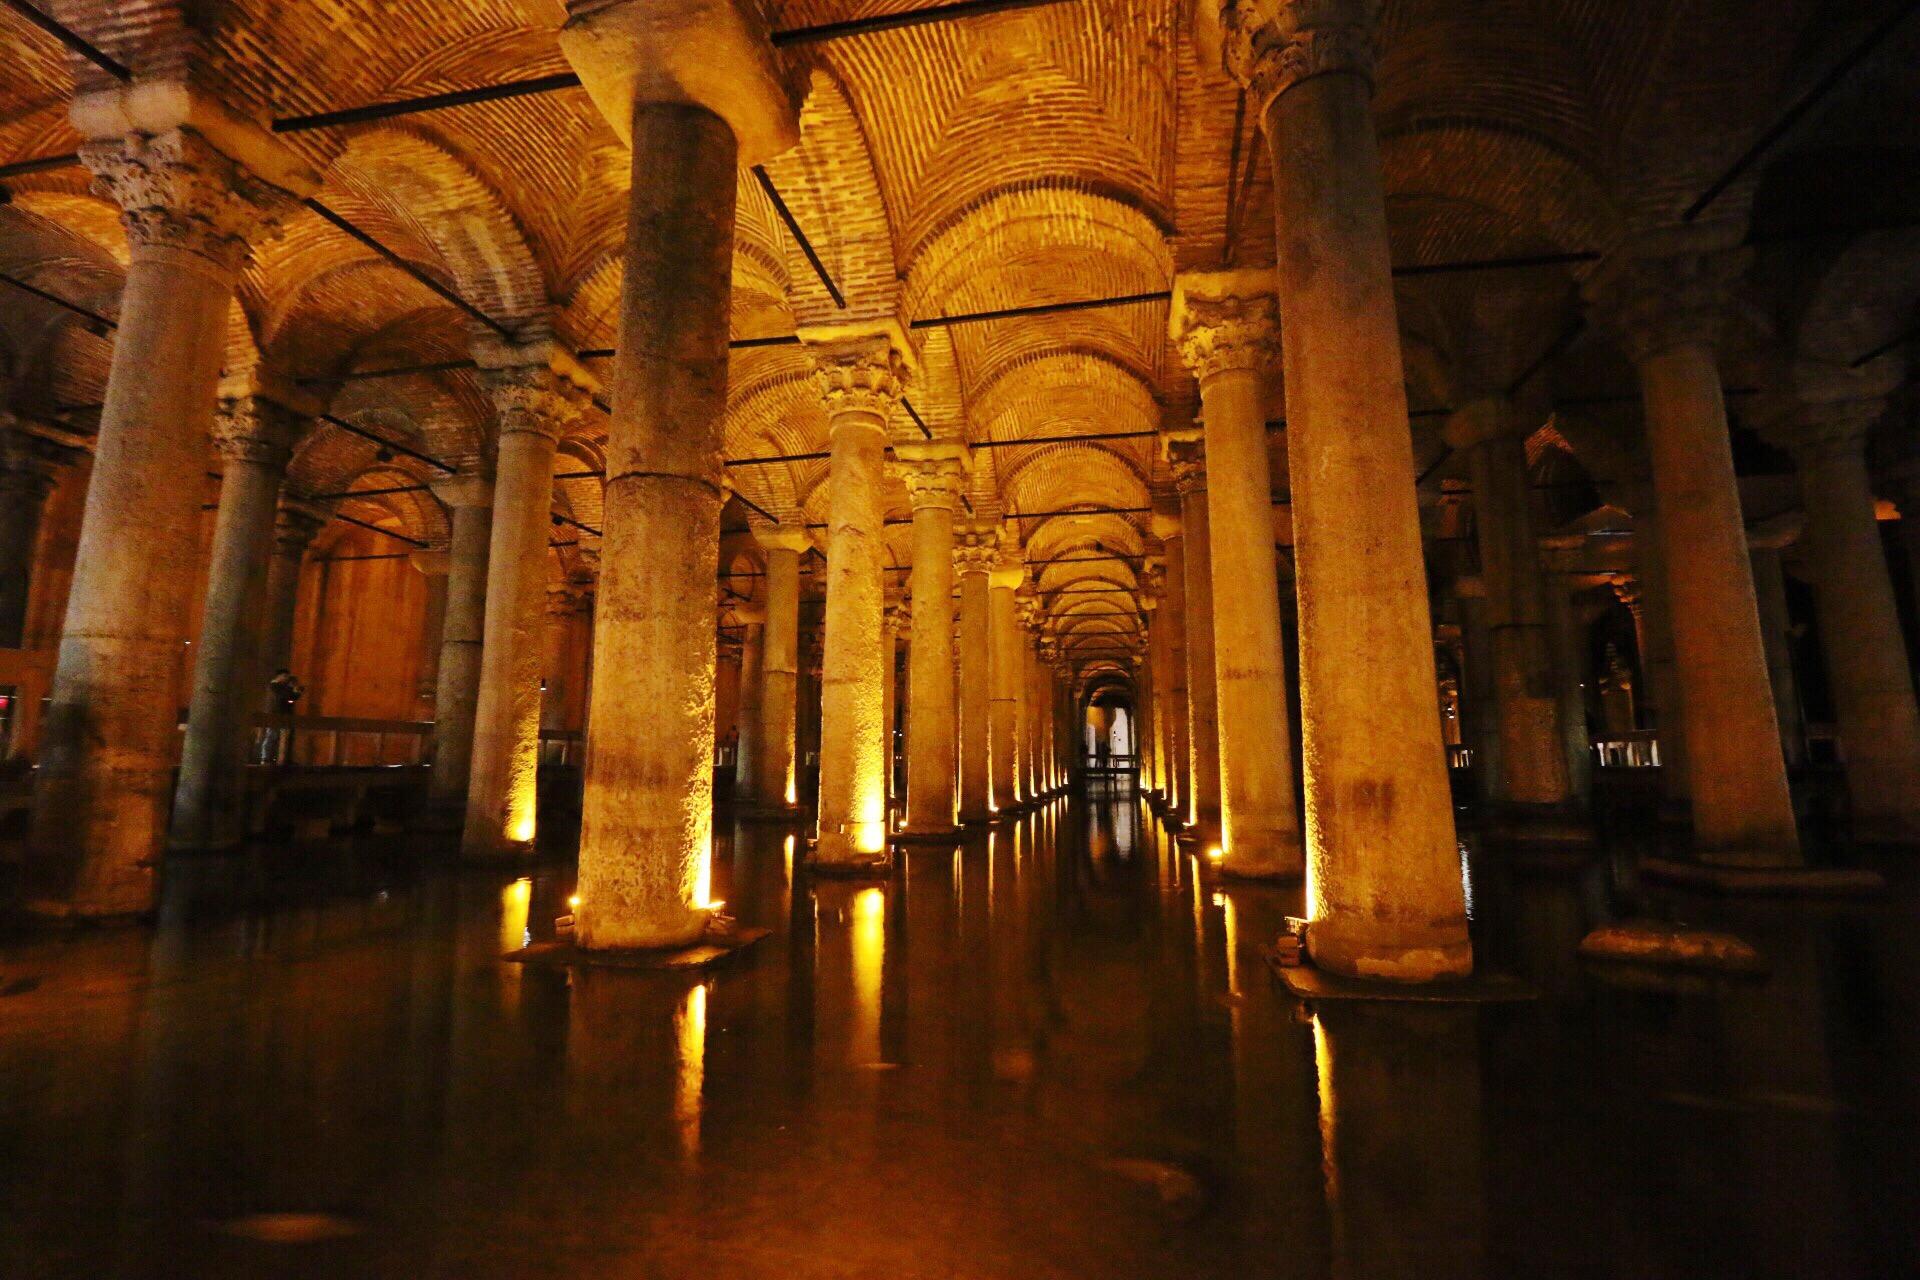 yerebatan sarayi basilica cistern istanbul theoldnow